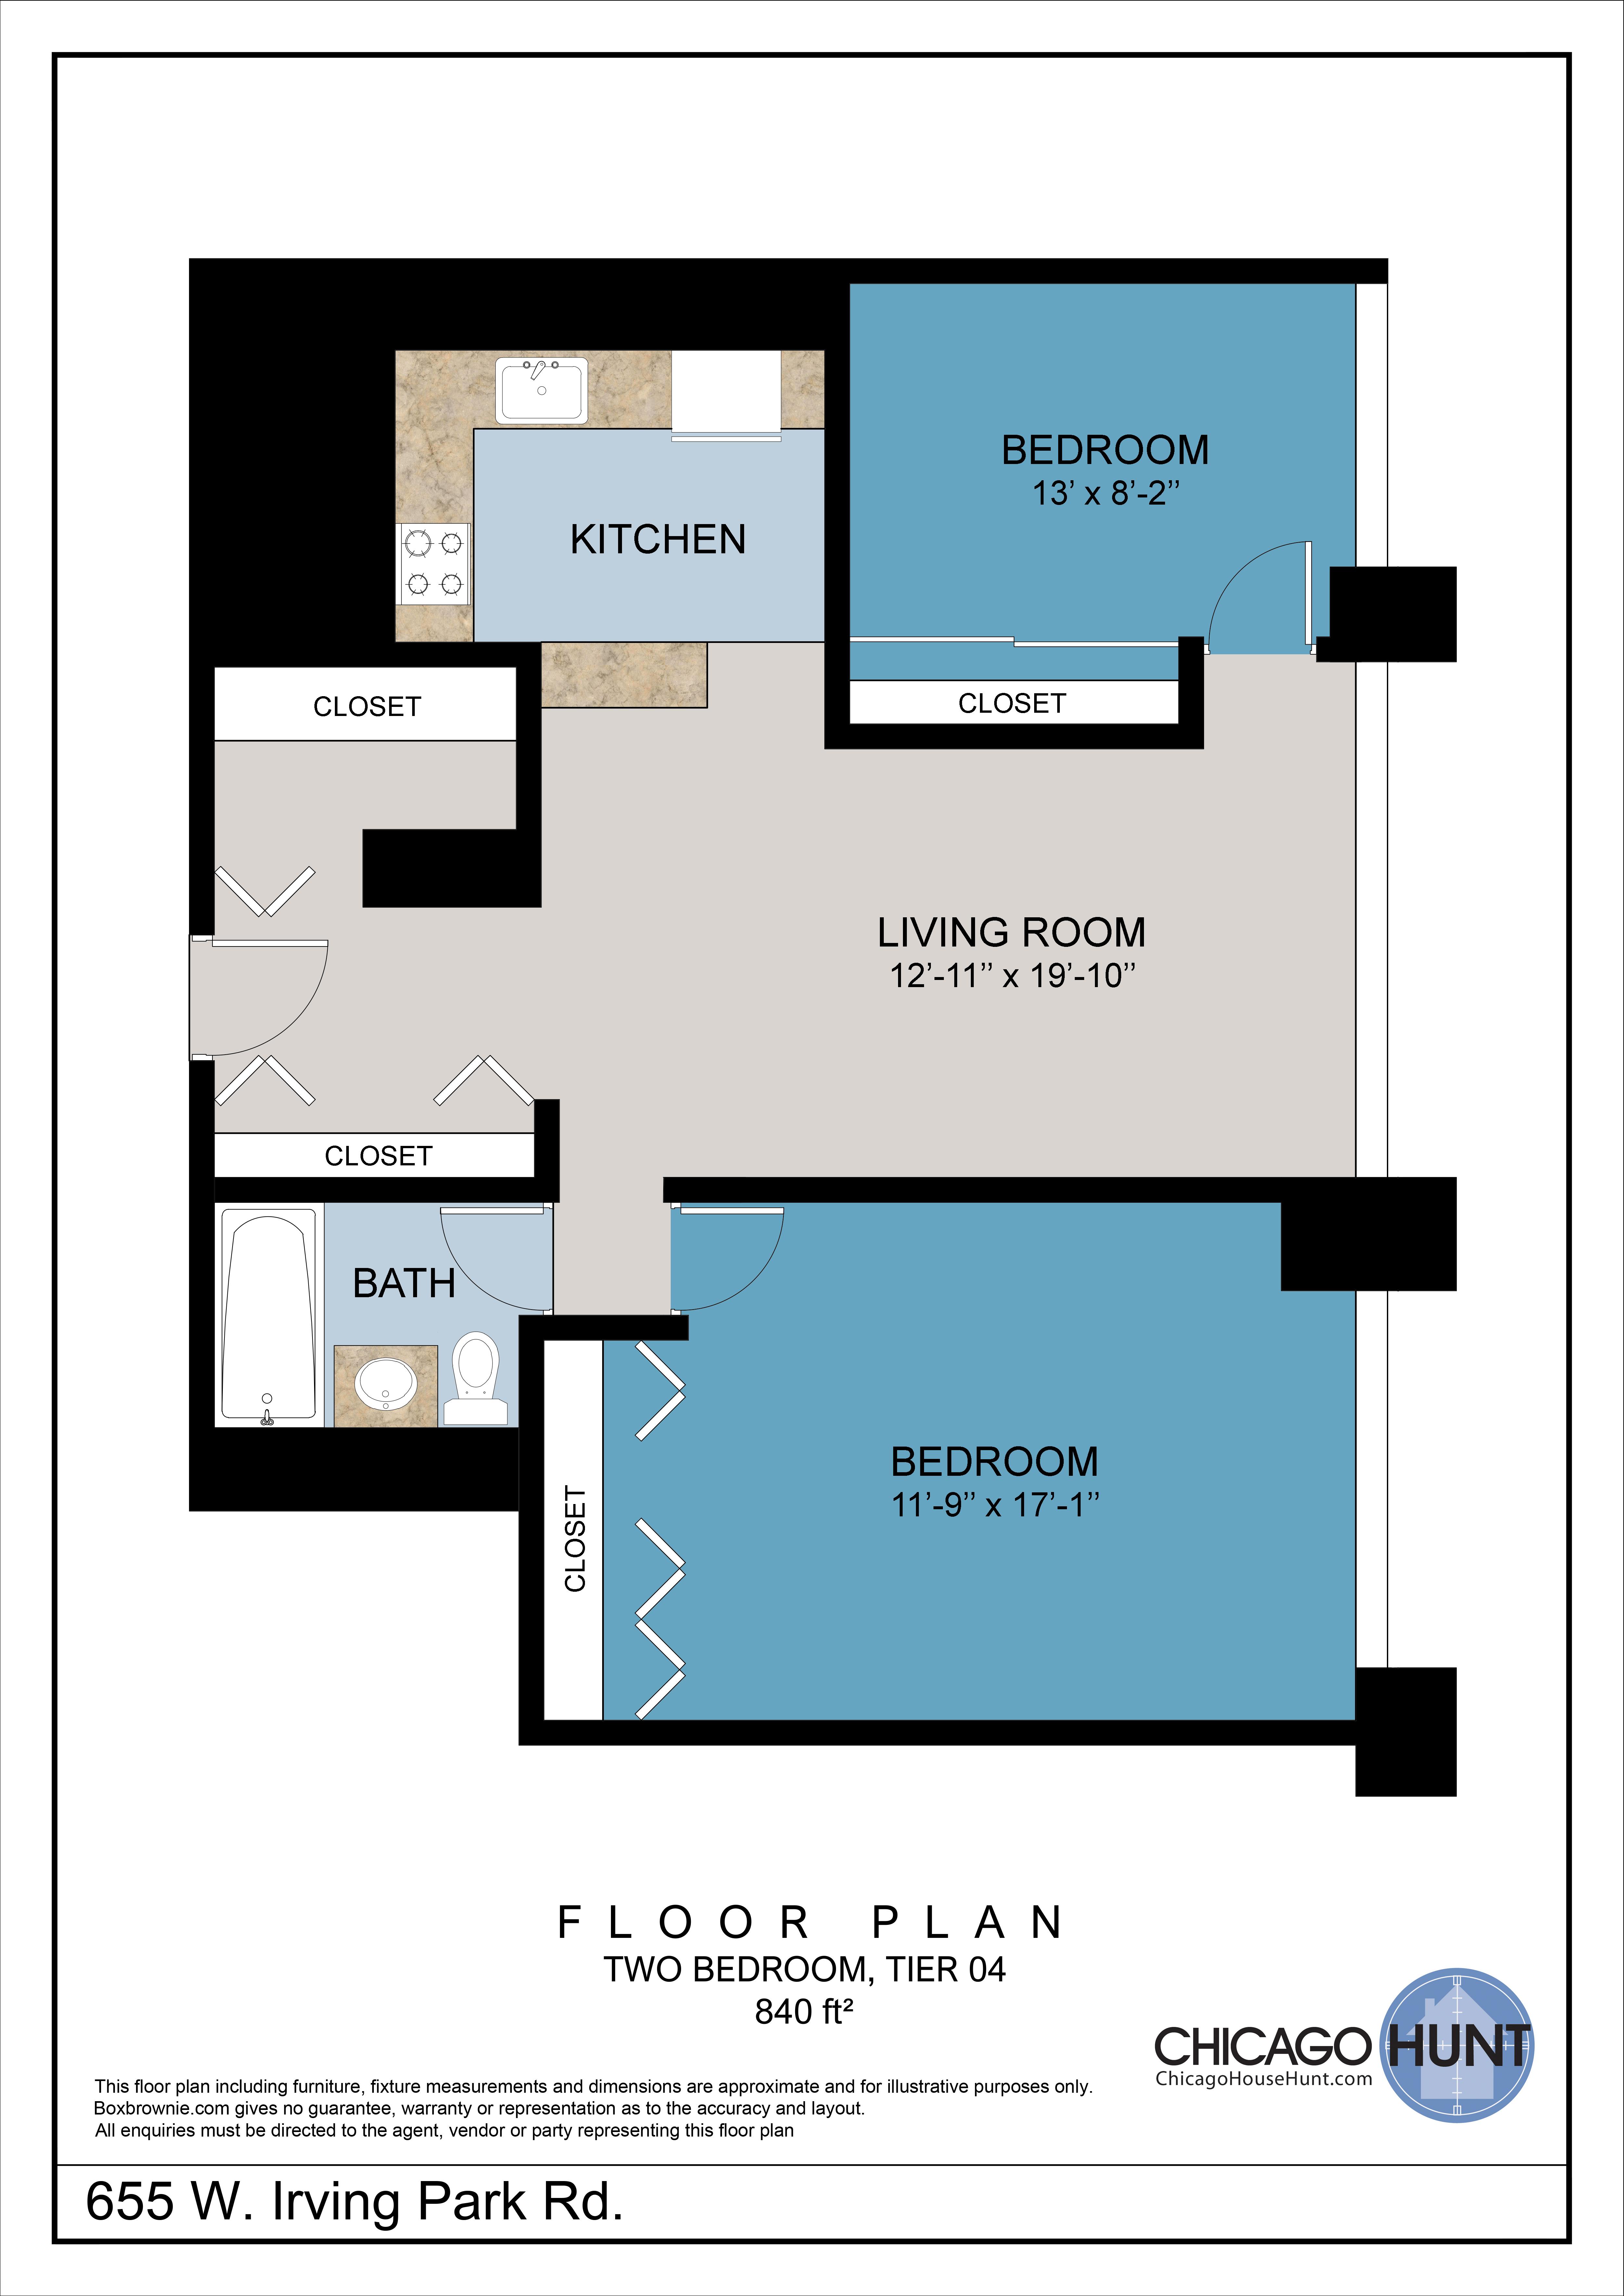 655 Irving Park, Park Place Towere - Floor Plan - Tier 04